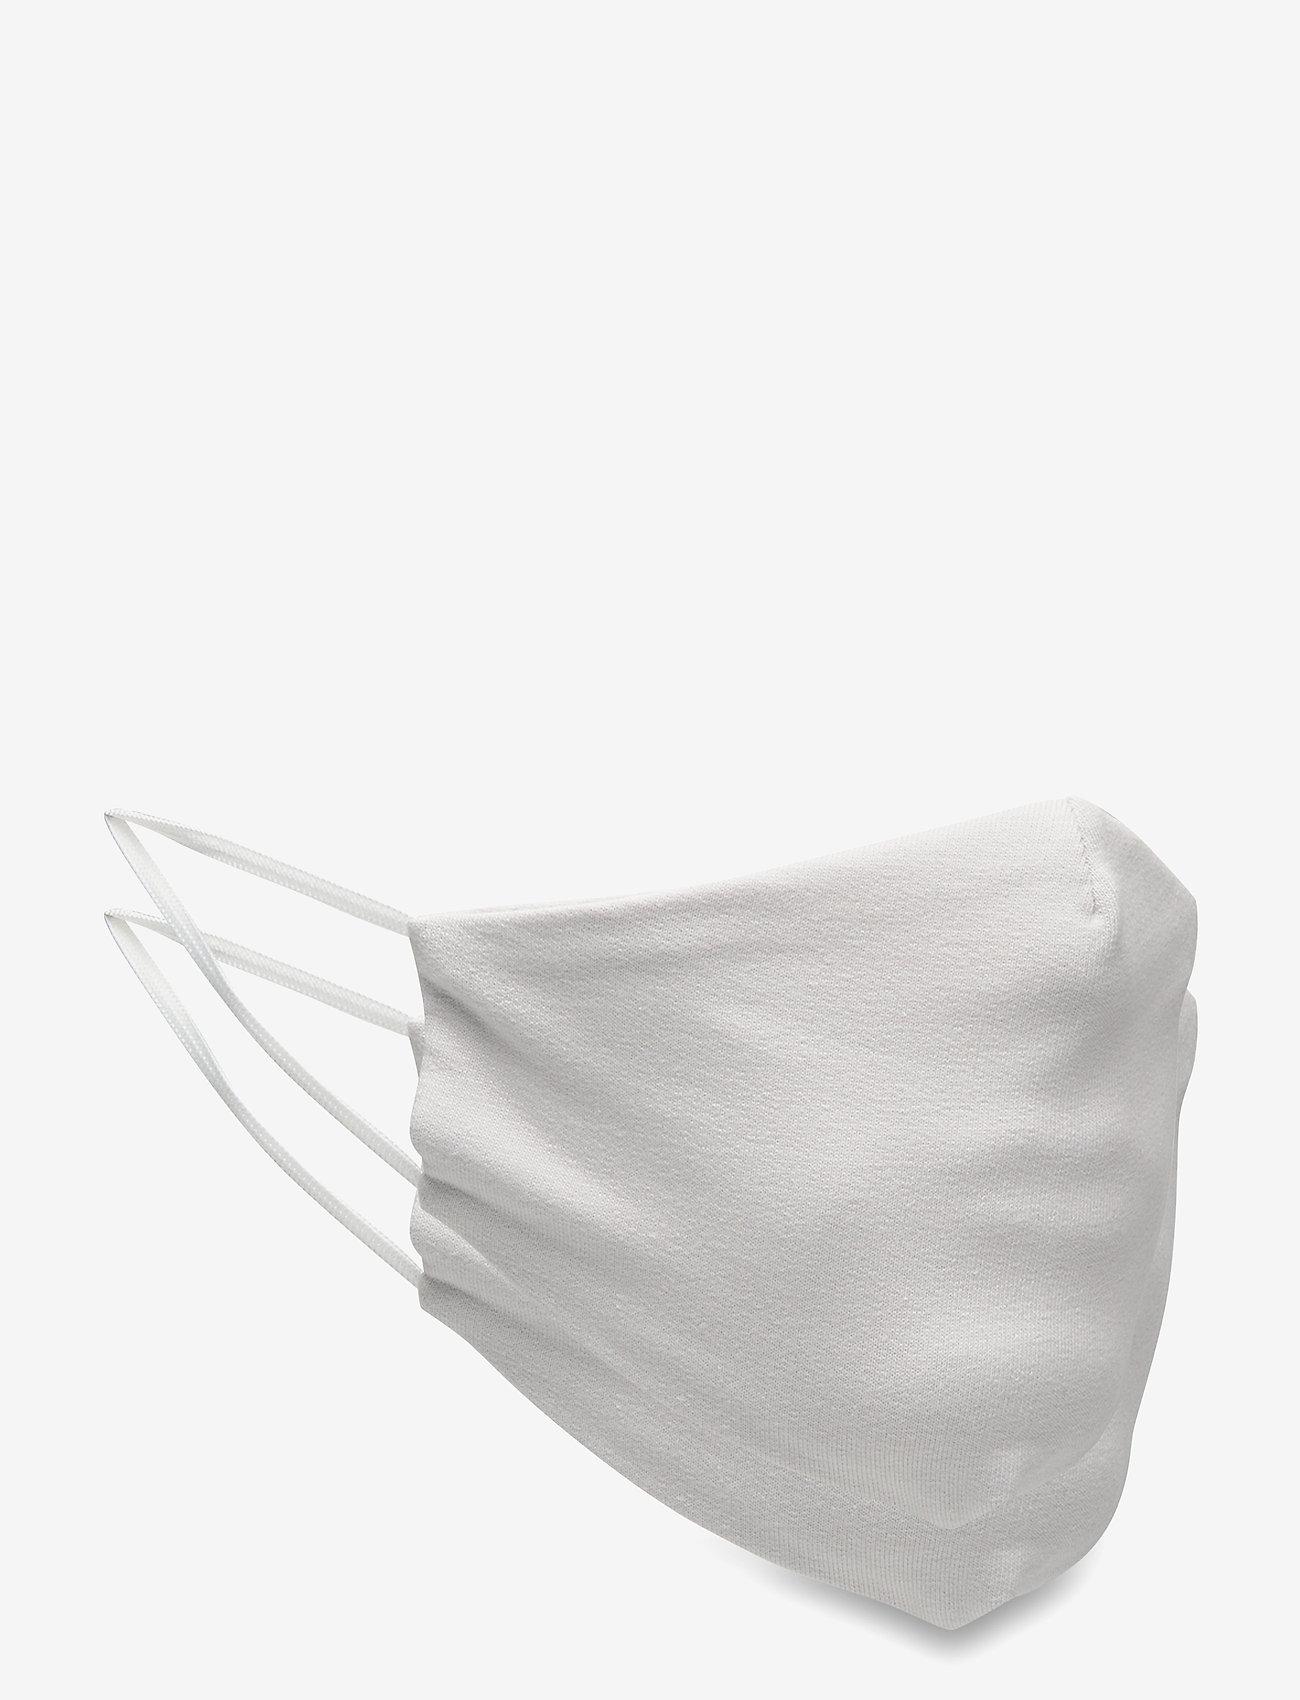 ORAS24 - Reusable face mask,2 pack, Kids 2-13 - ansiktsmasker - light grey - 1